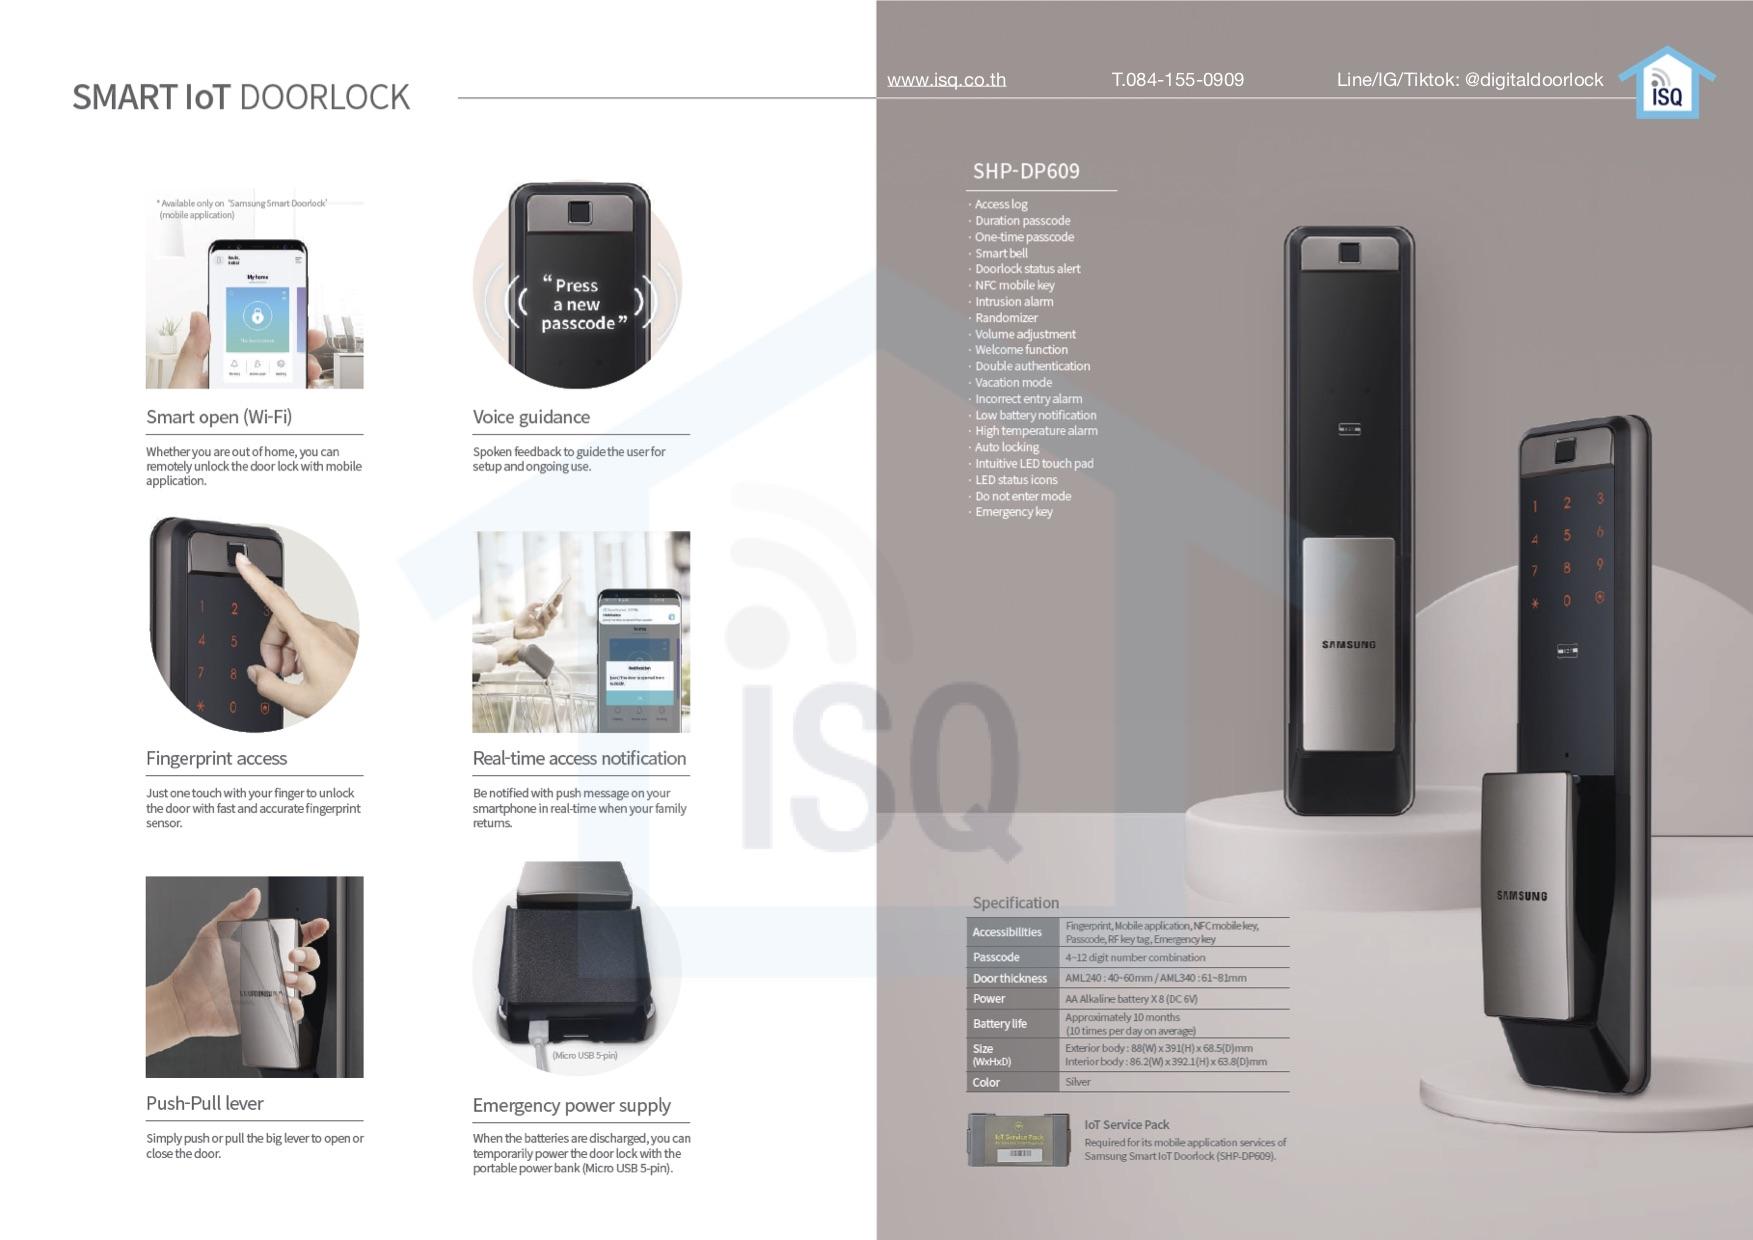 Samsung smart digital door lock SHP-DP609